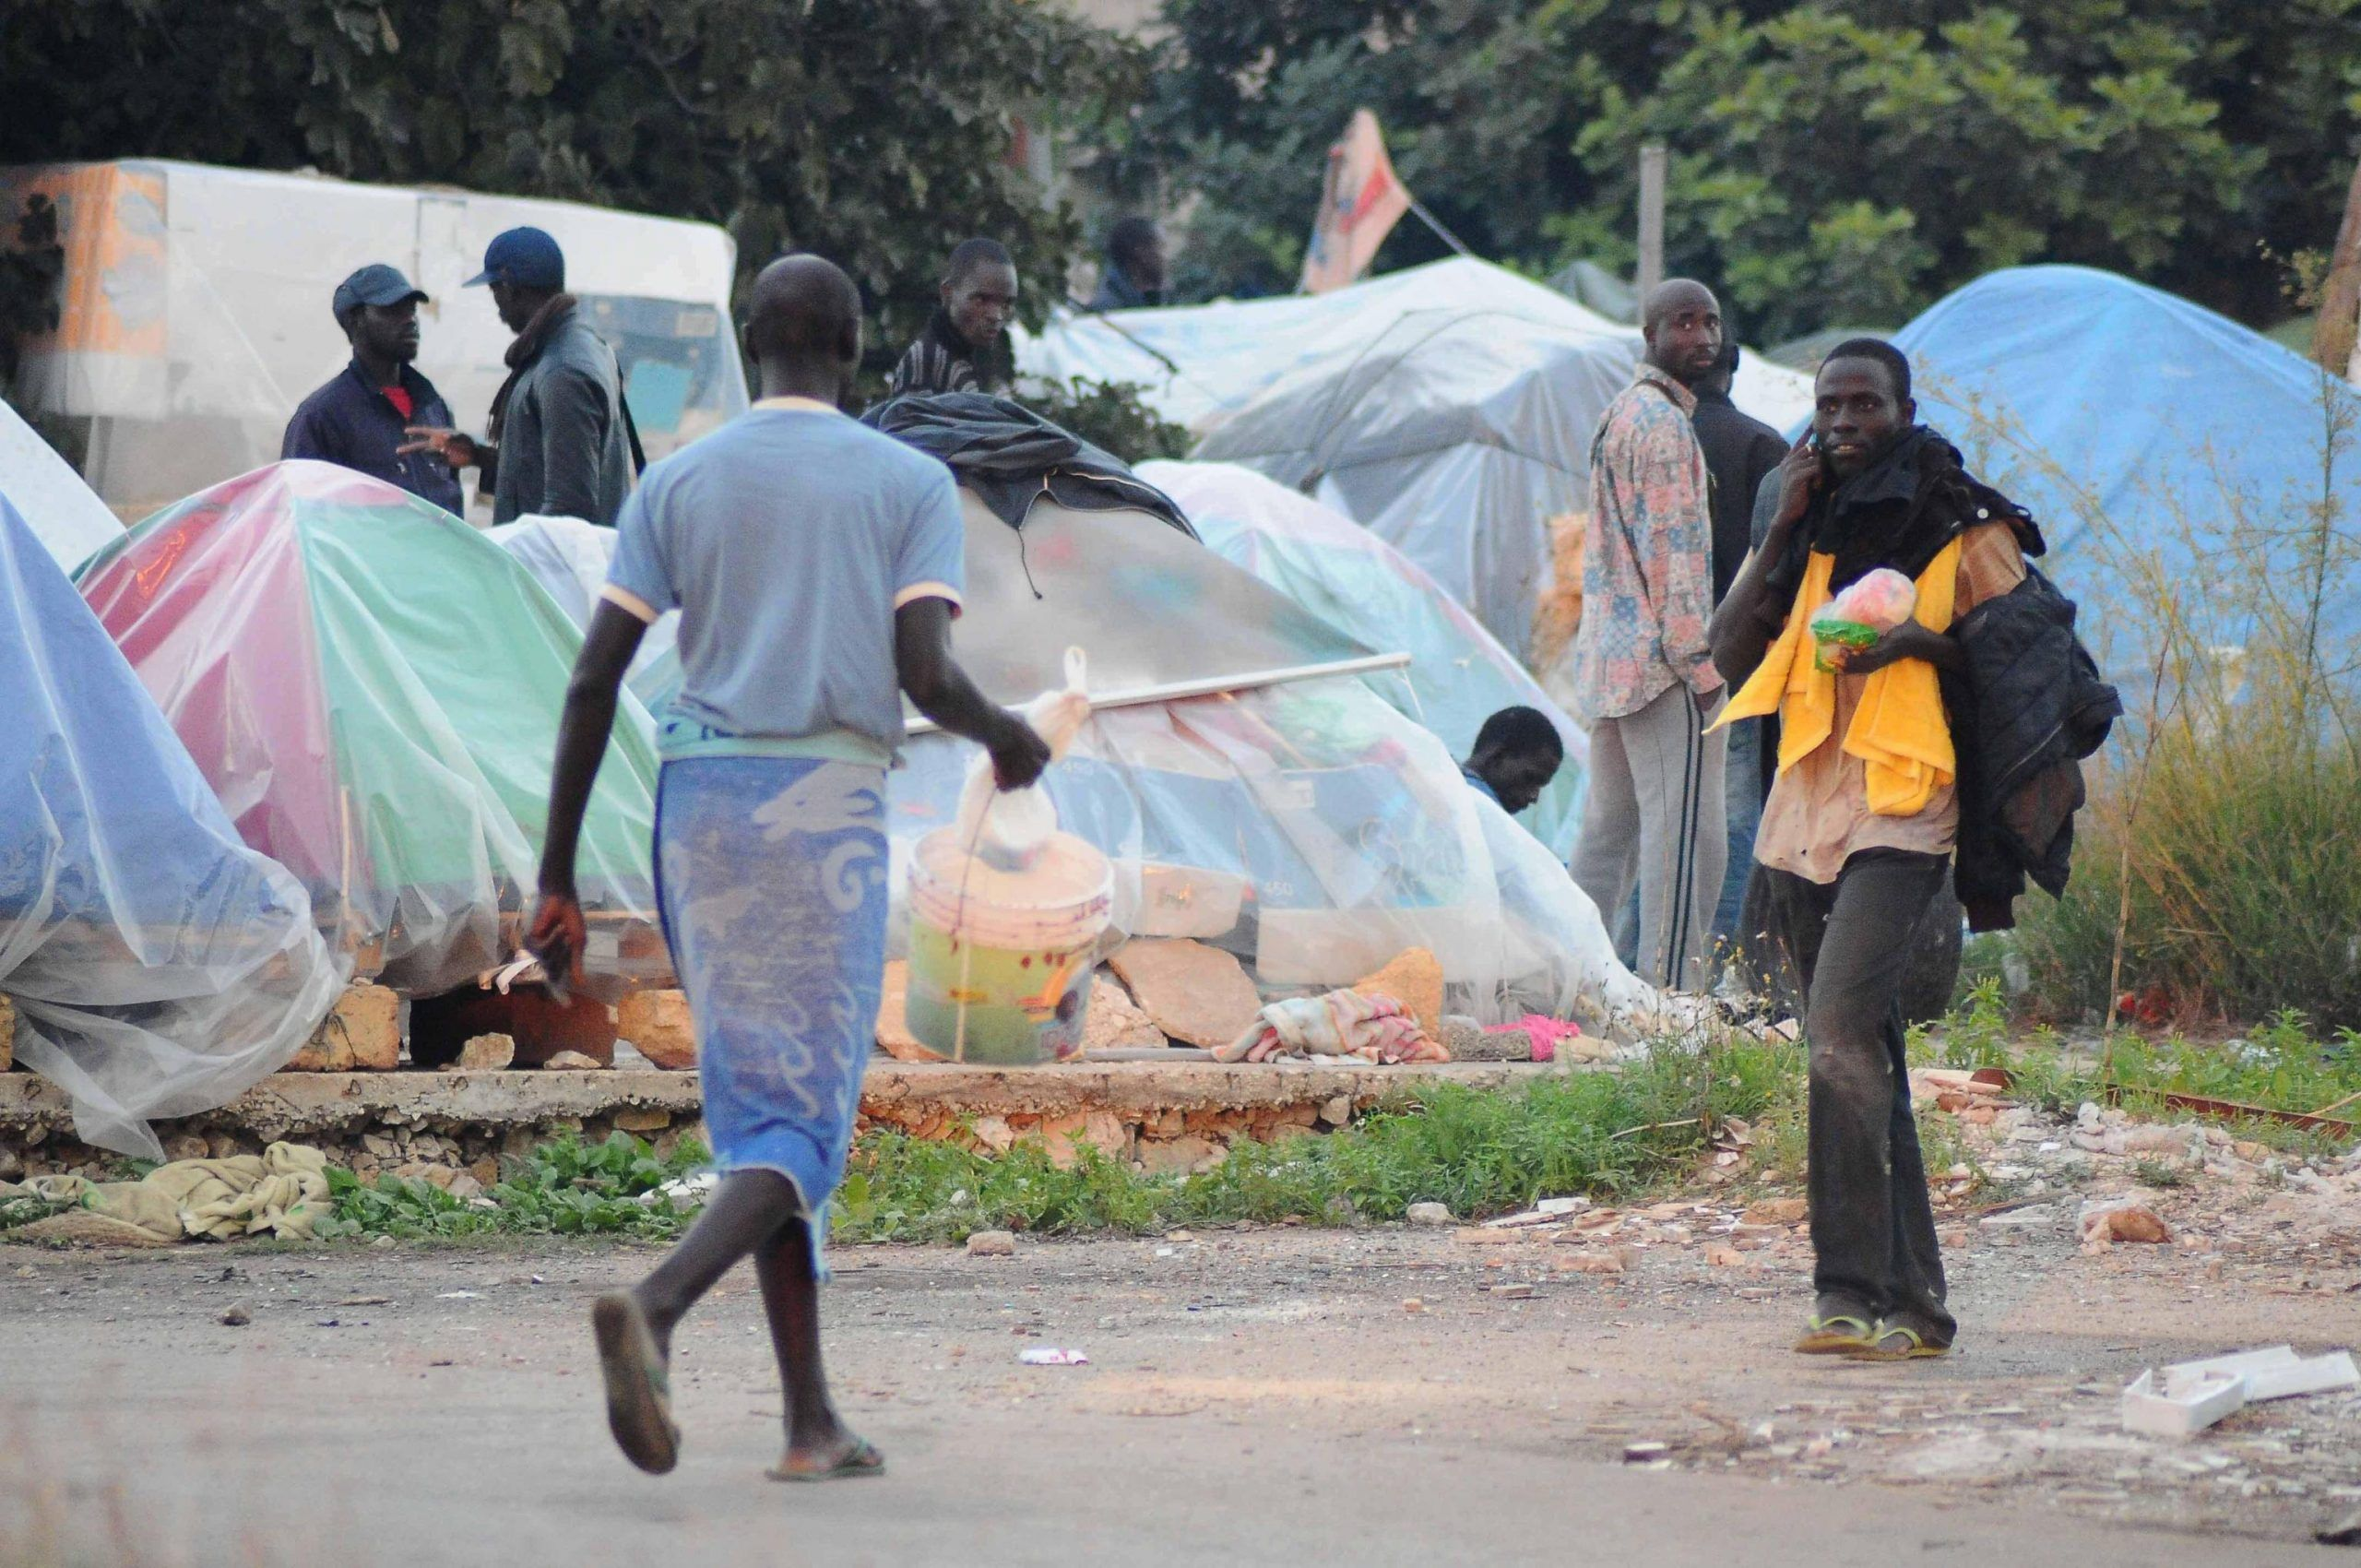 Imprenditore senegalese lancia un appello: 'Africani non venite in Italia'